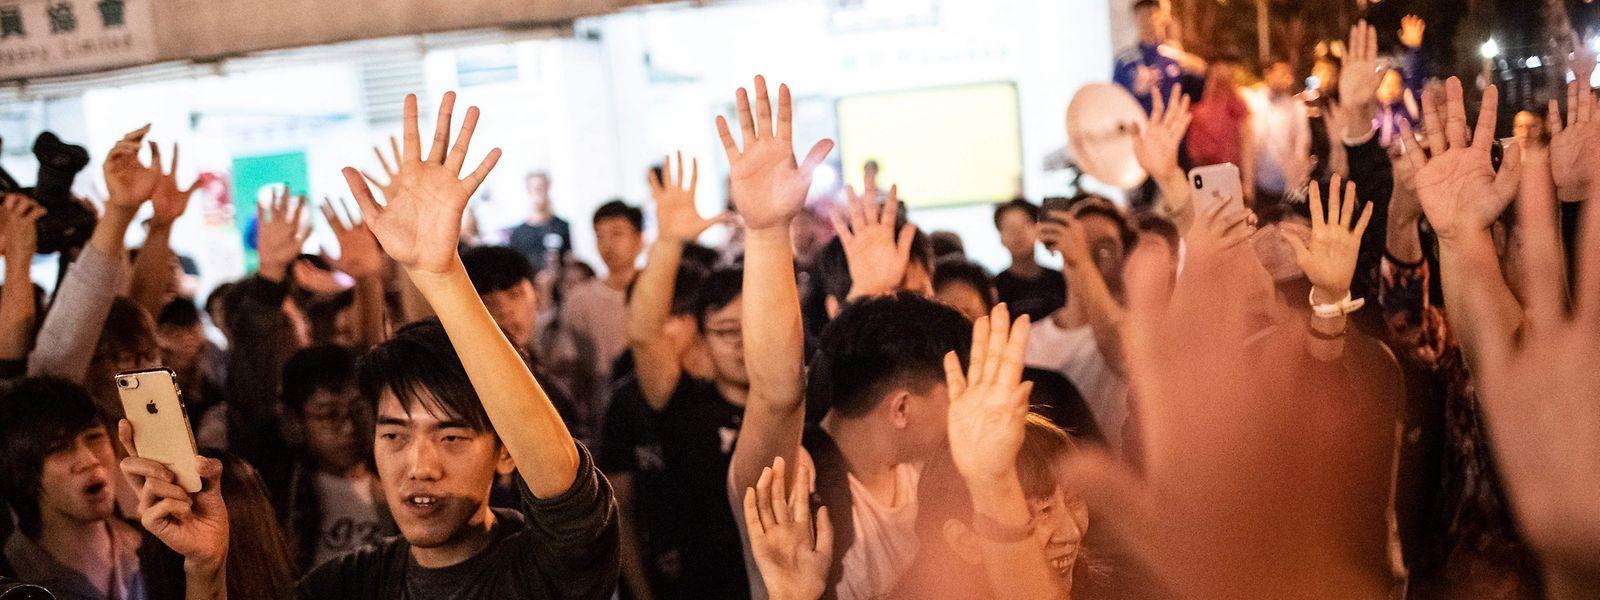 Anhänger des Demokratielagers feiern den Wahlsieg und strecken ihre Hand aus - symbolisch für die fünf Forderungen der Protestbewegung.